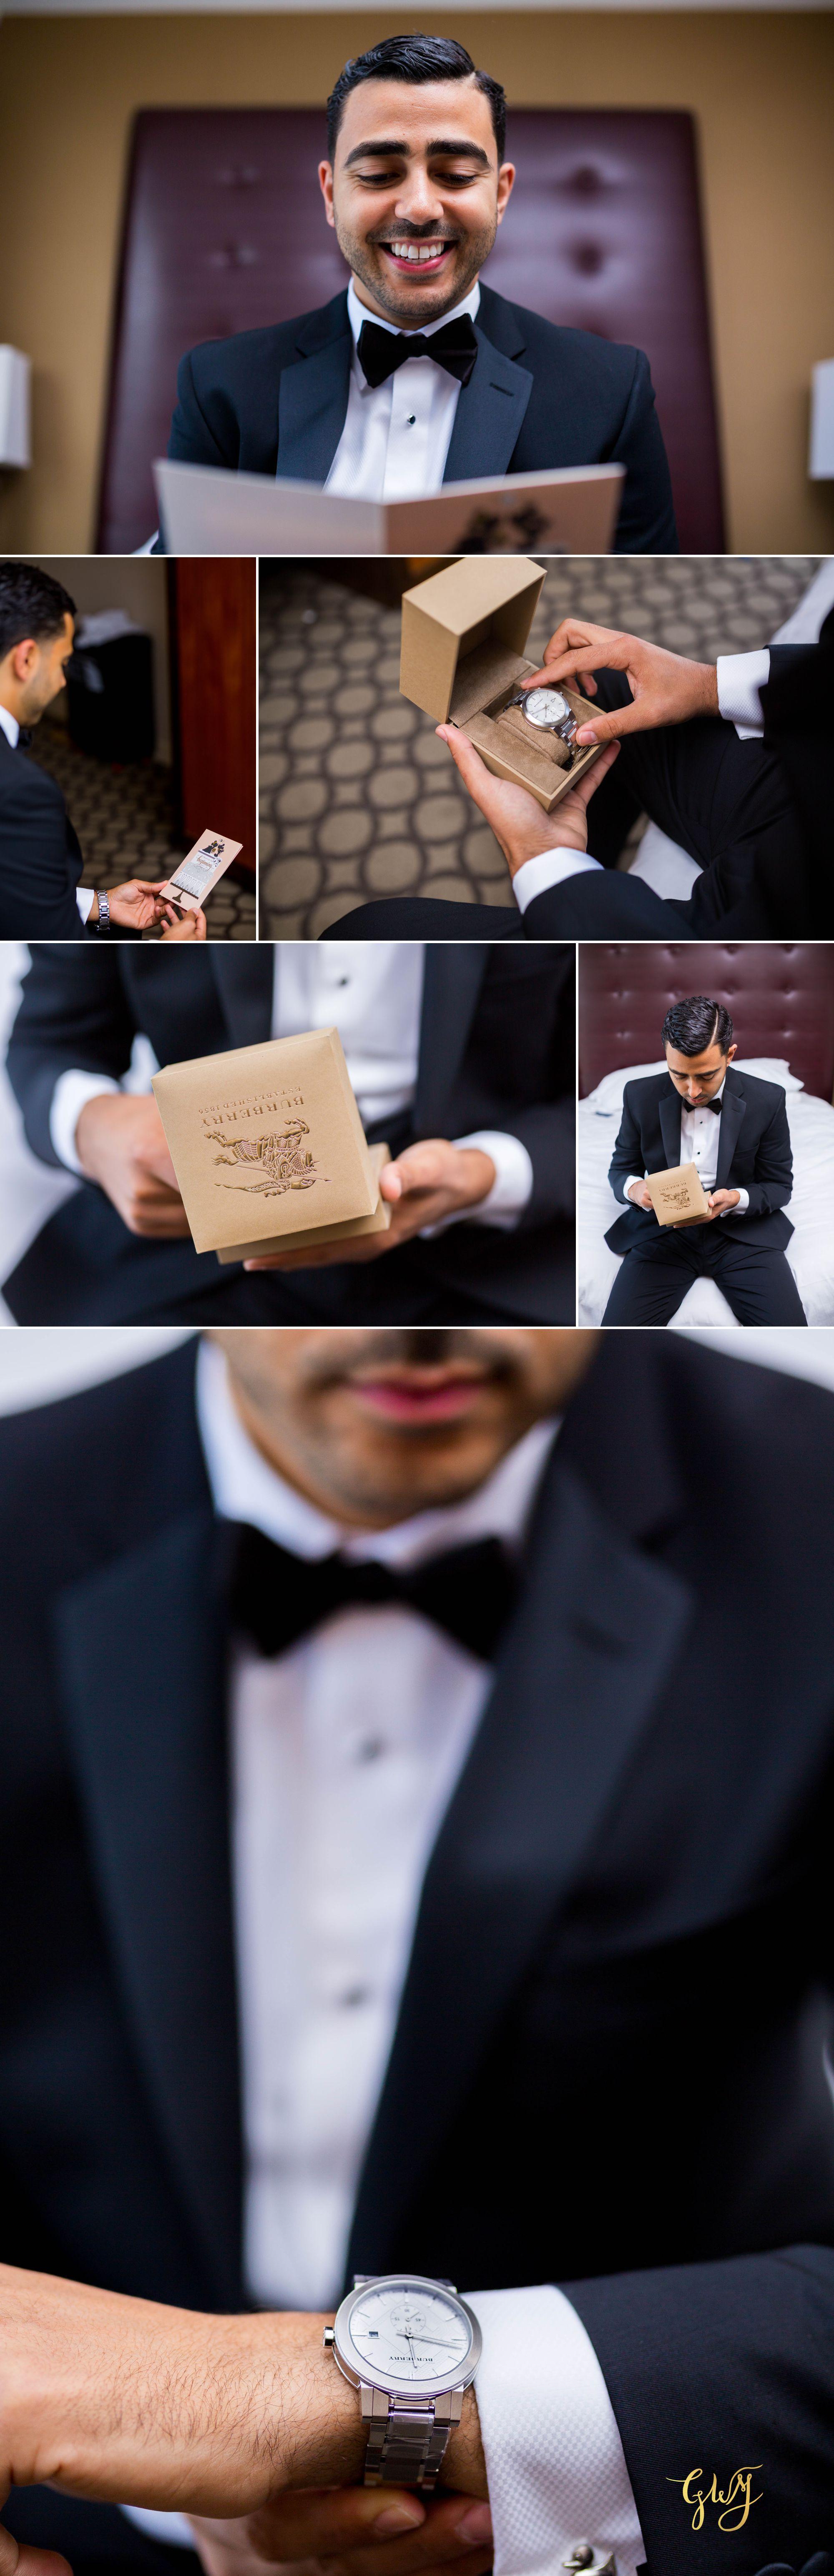 Joy + Mena Wedding Blog 2.jpg